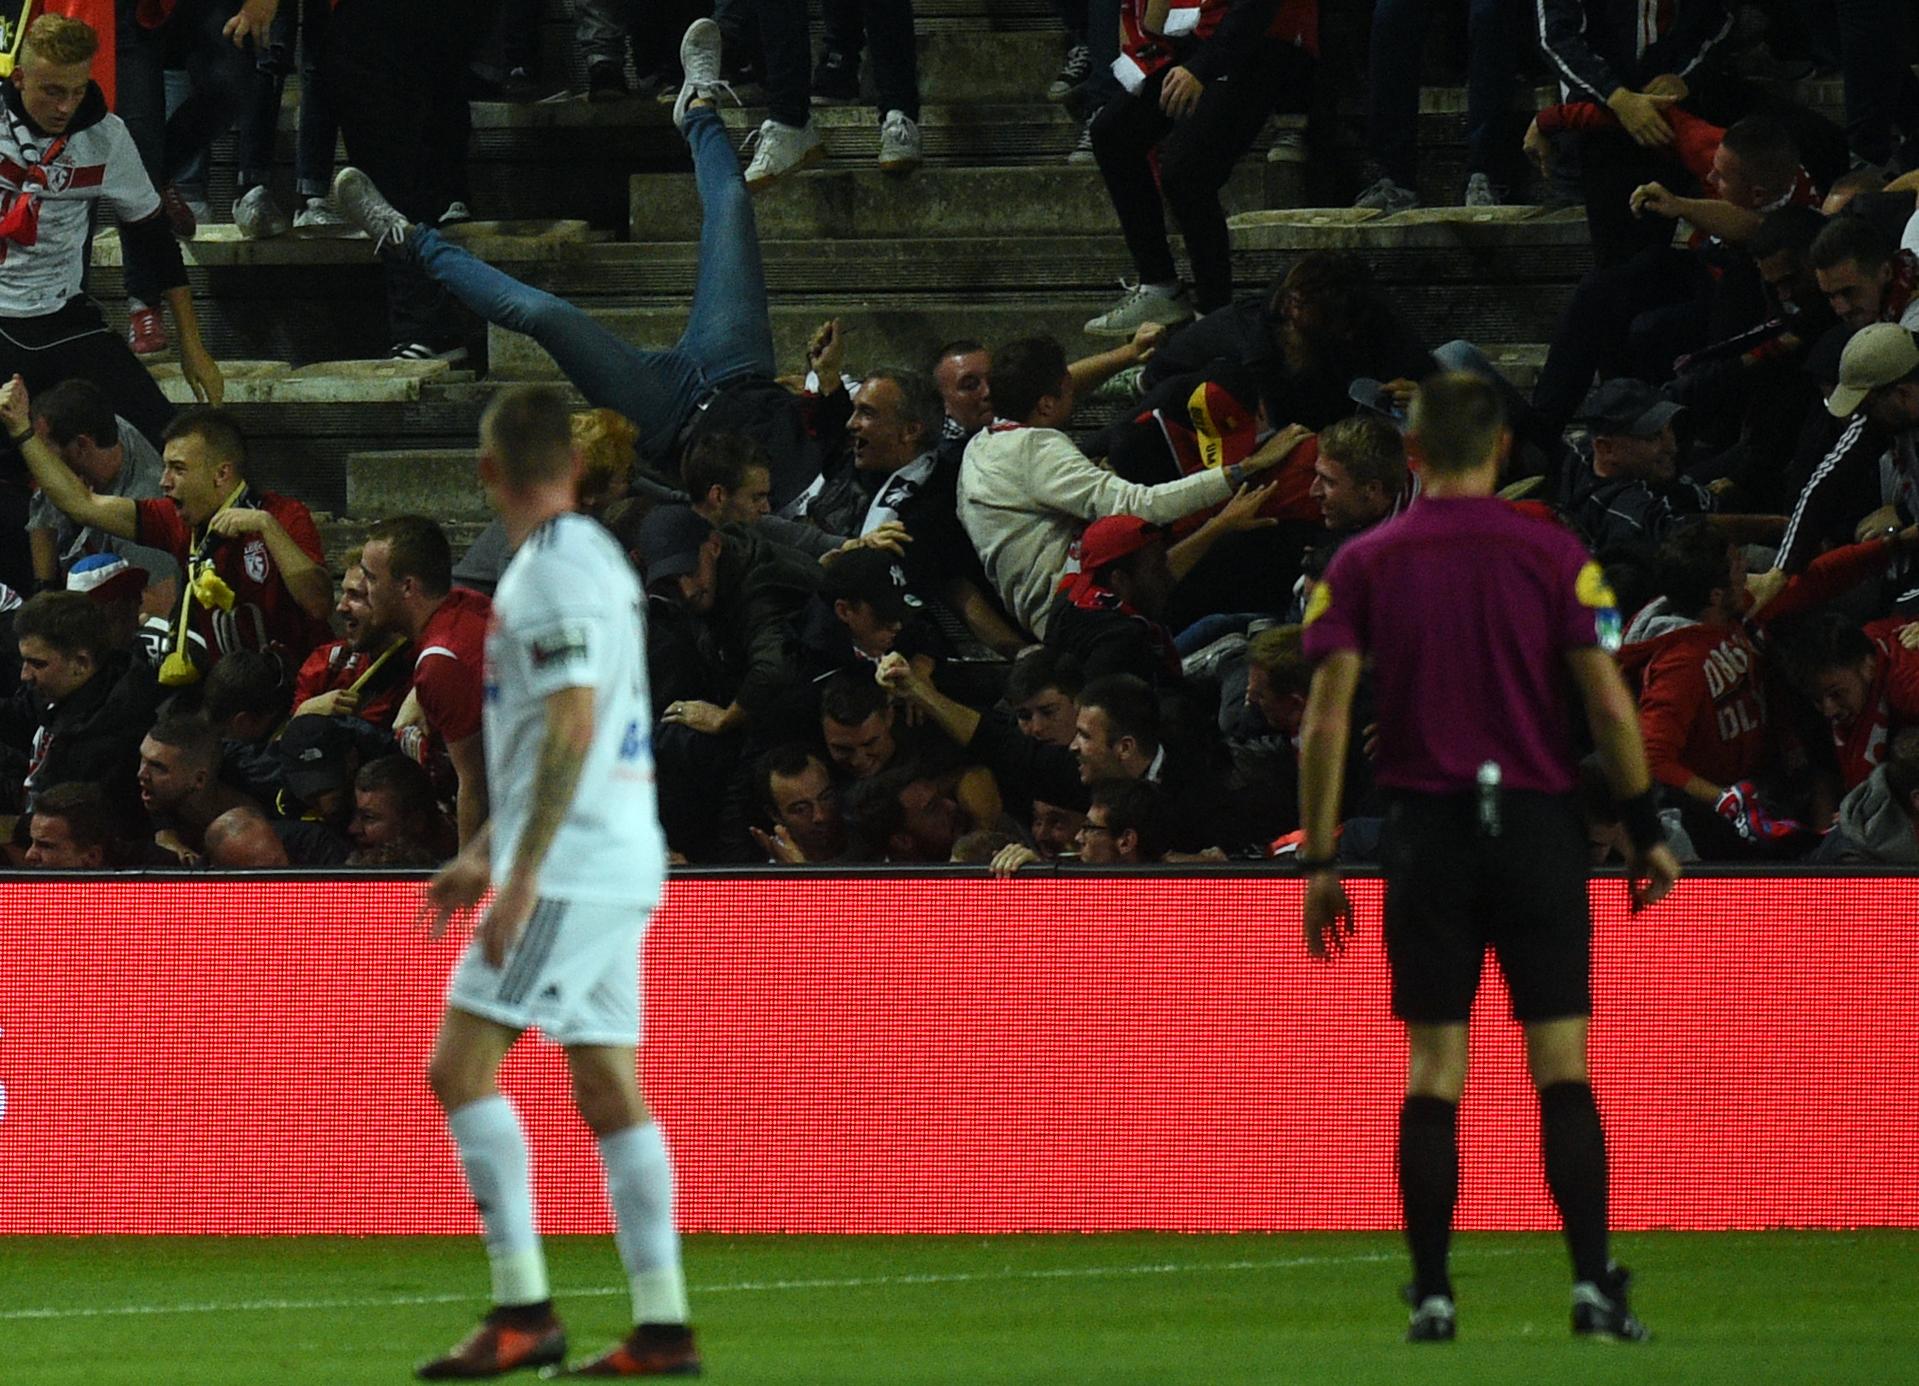 Leszakadt a nézőtéri korlát egy francia bajnoki meccsen, többen lezuhantak